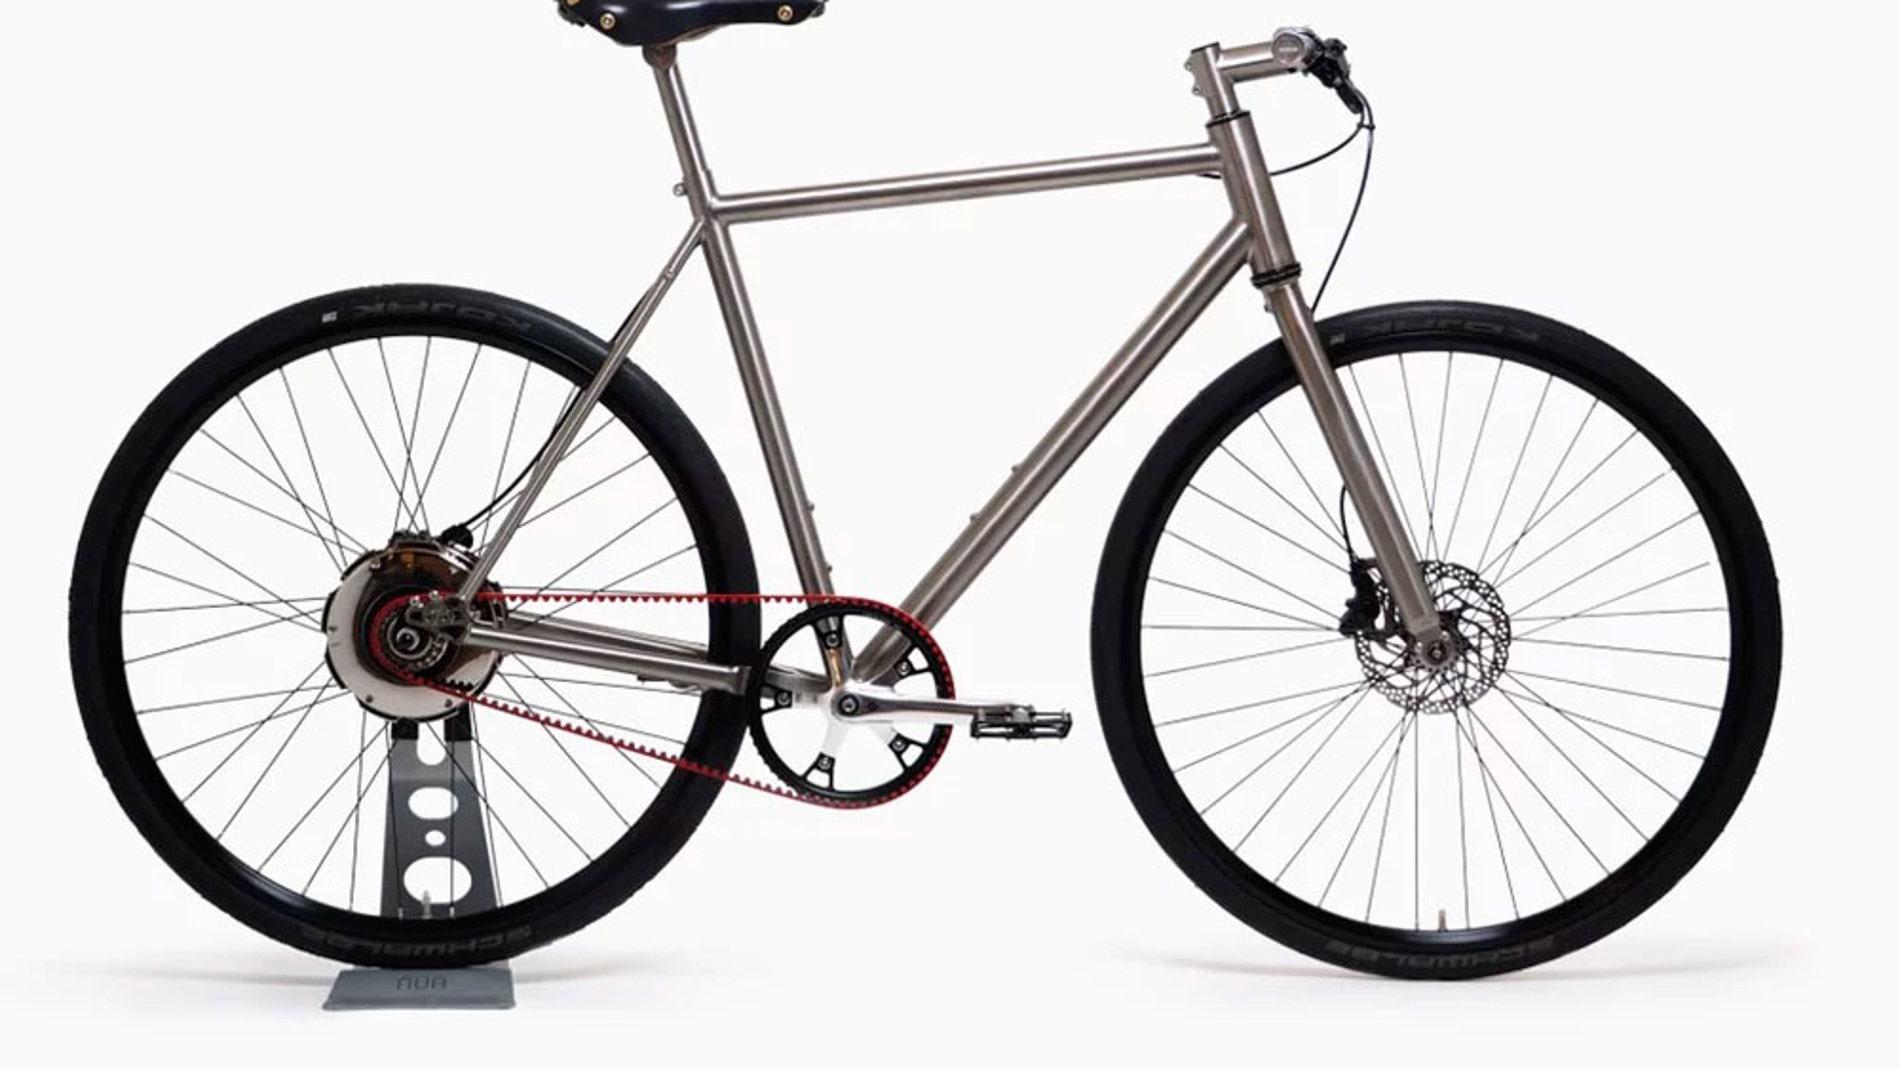 Nua bike